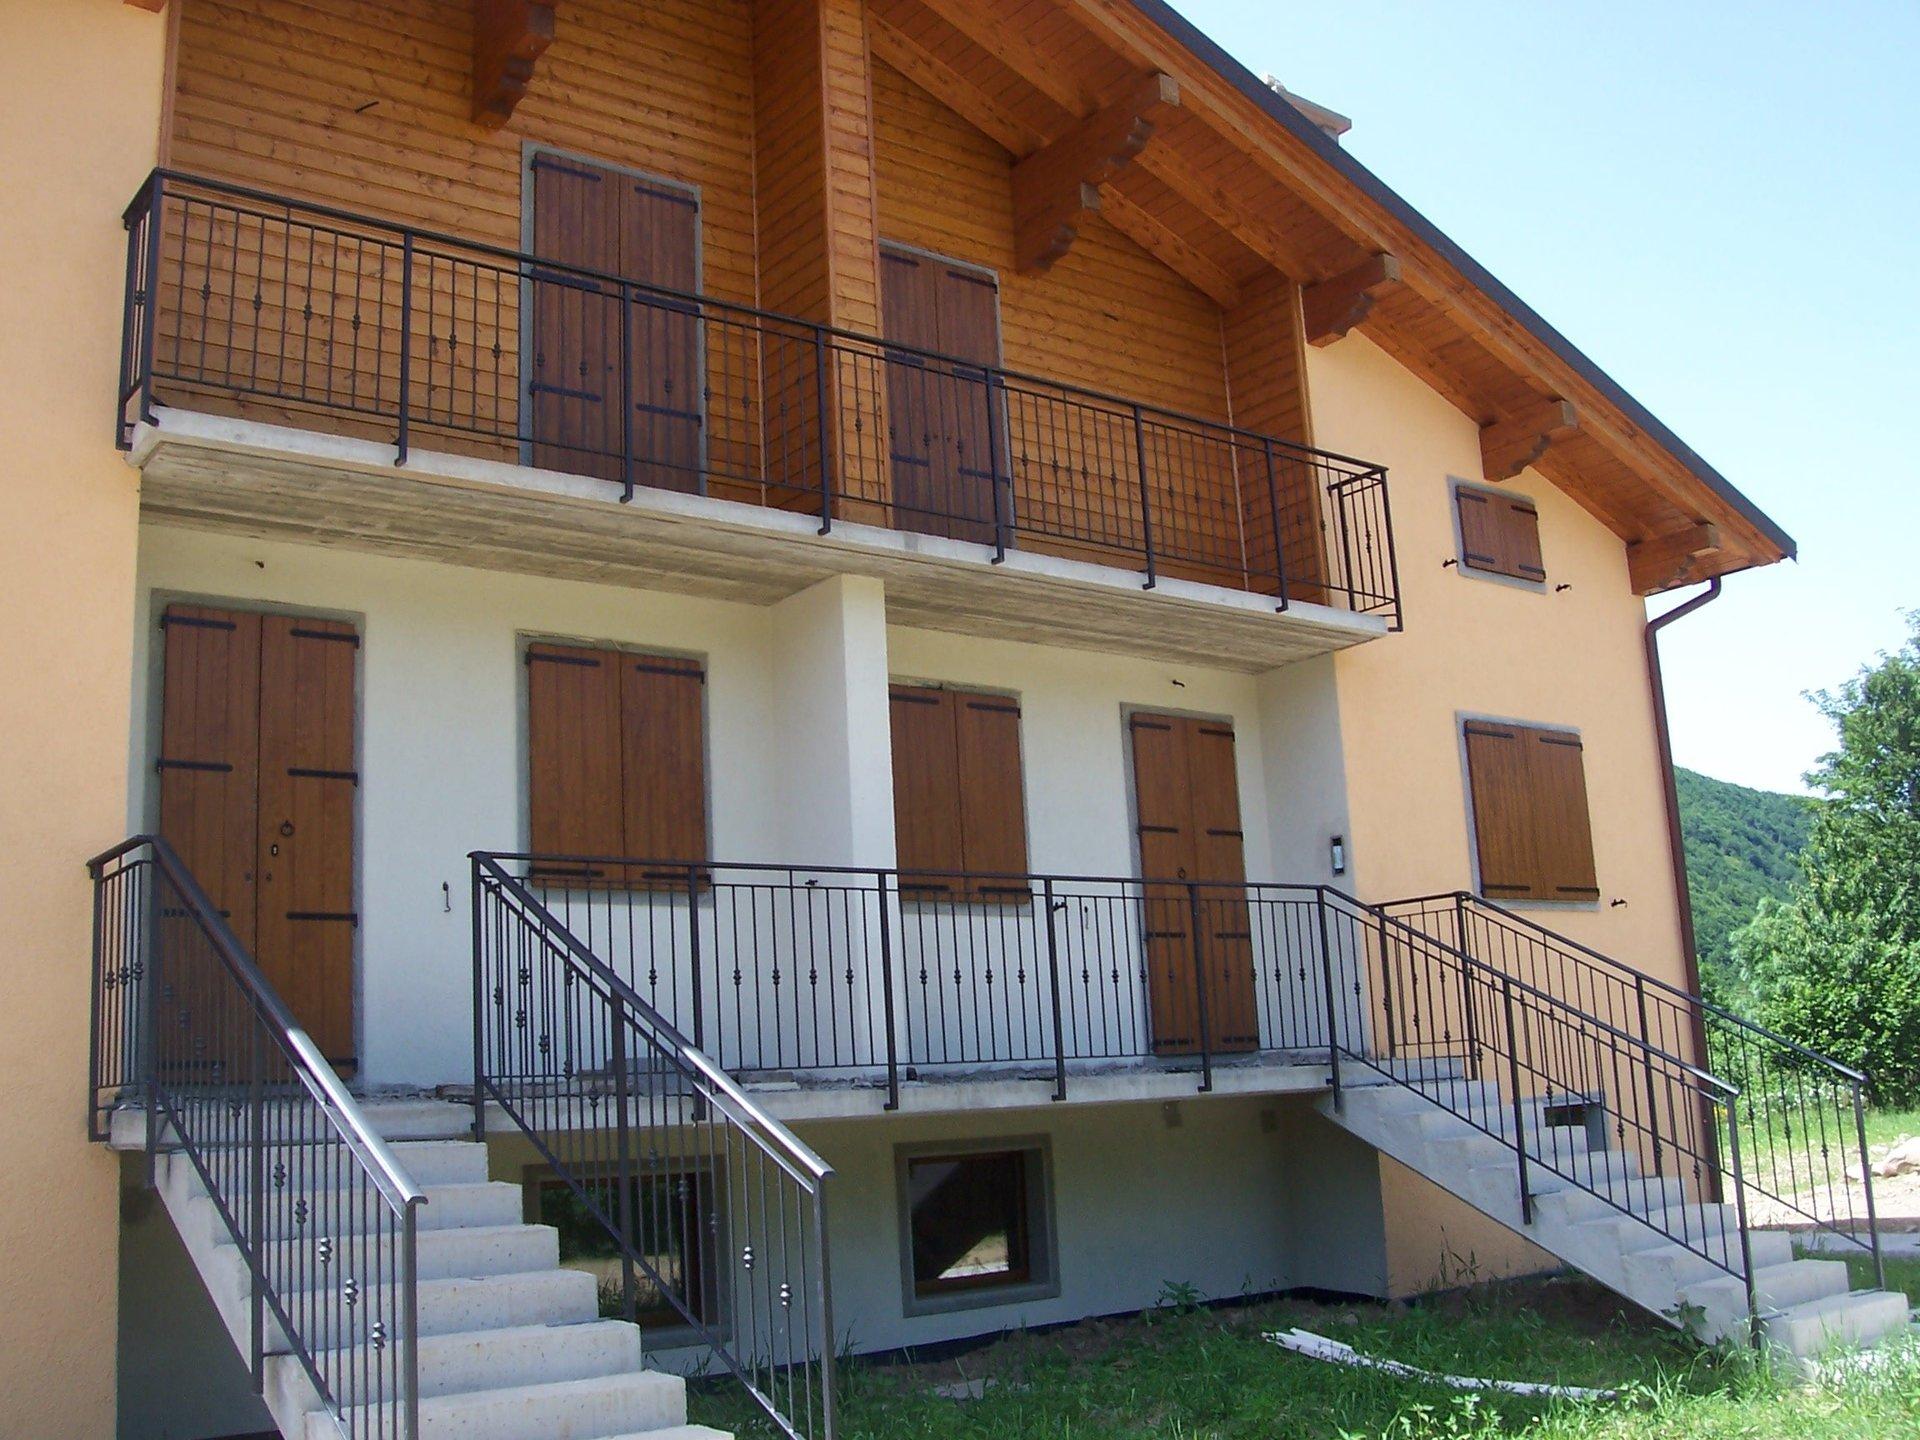 vista frontale di una casa con ringhiera in balcone e scala